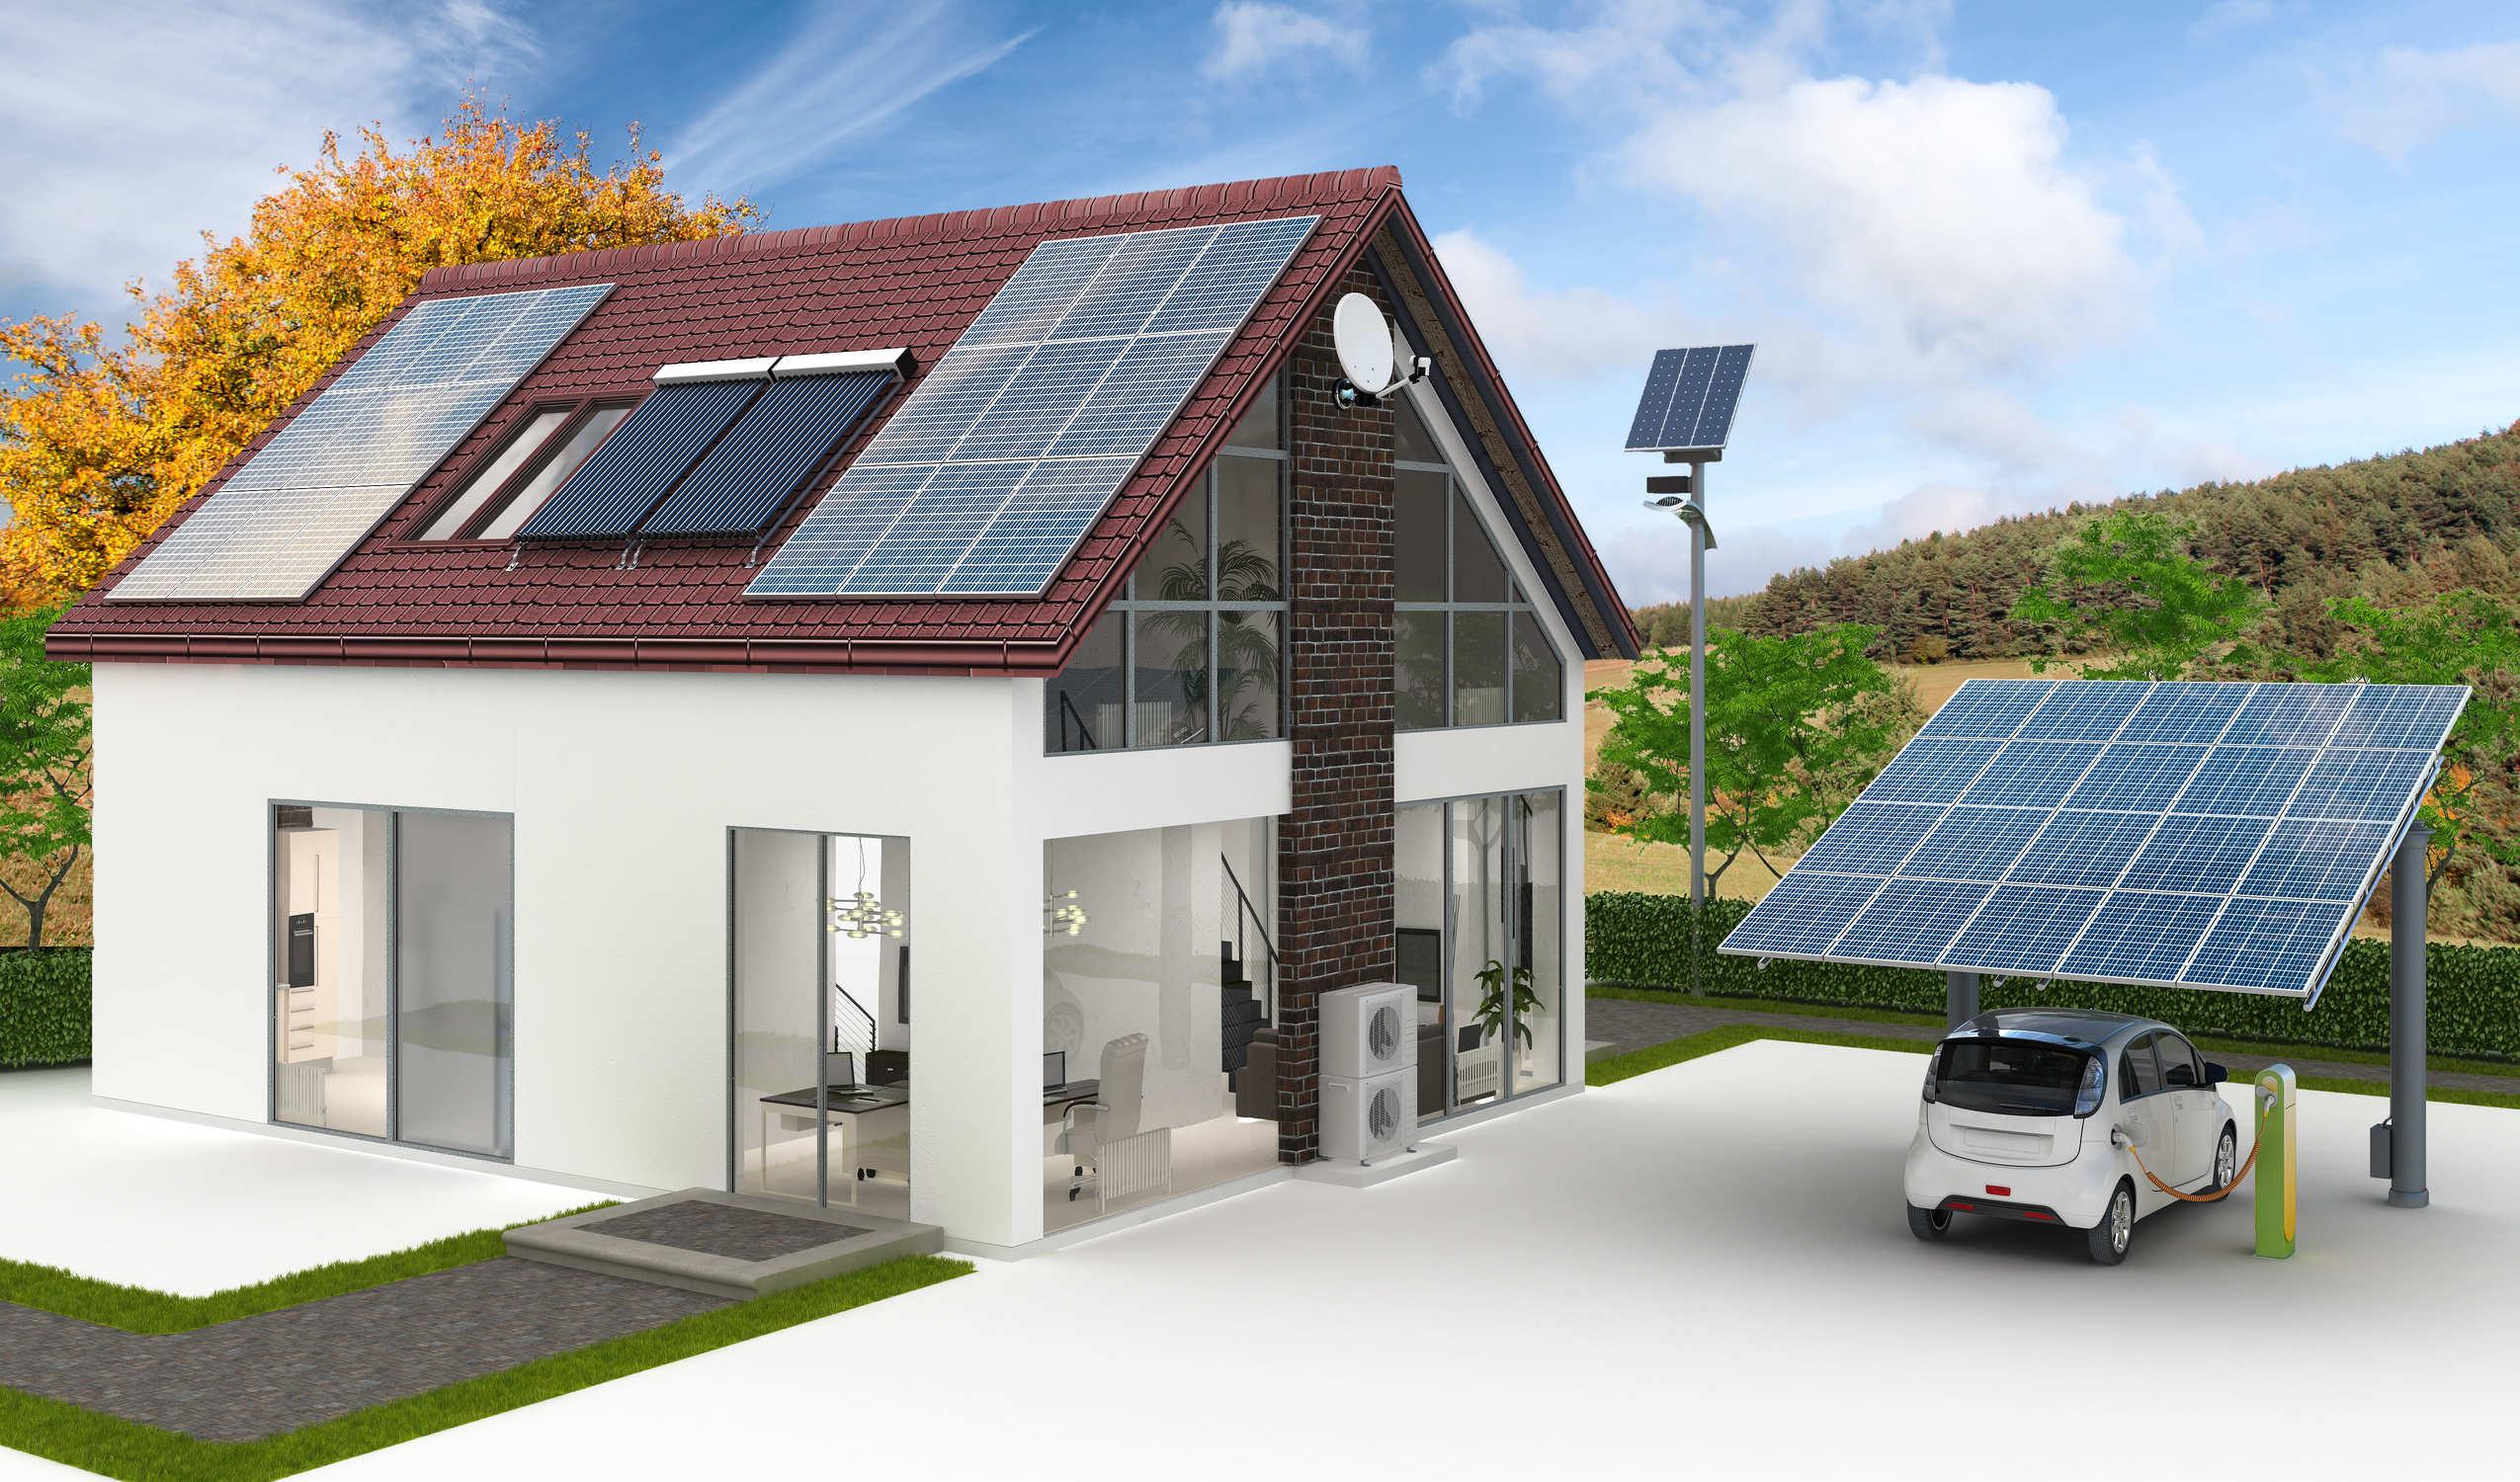 Sonnenenergie in Wärme umwandeln